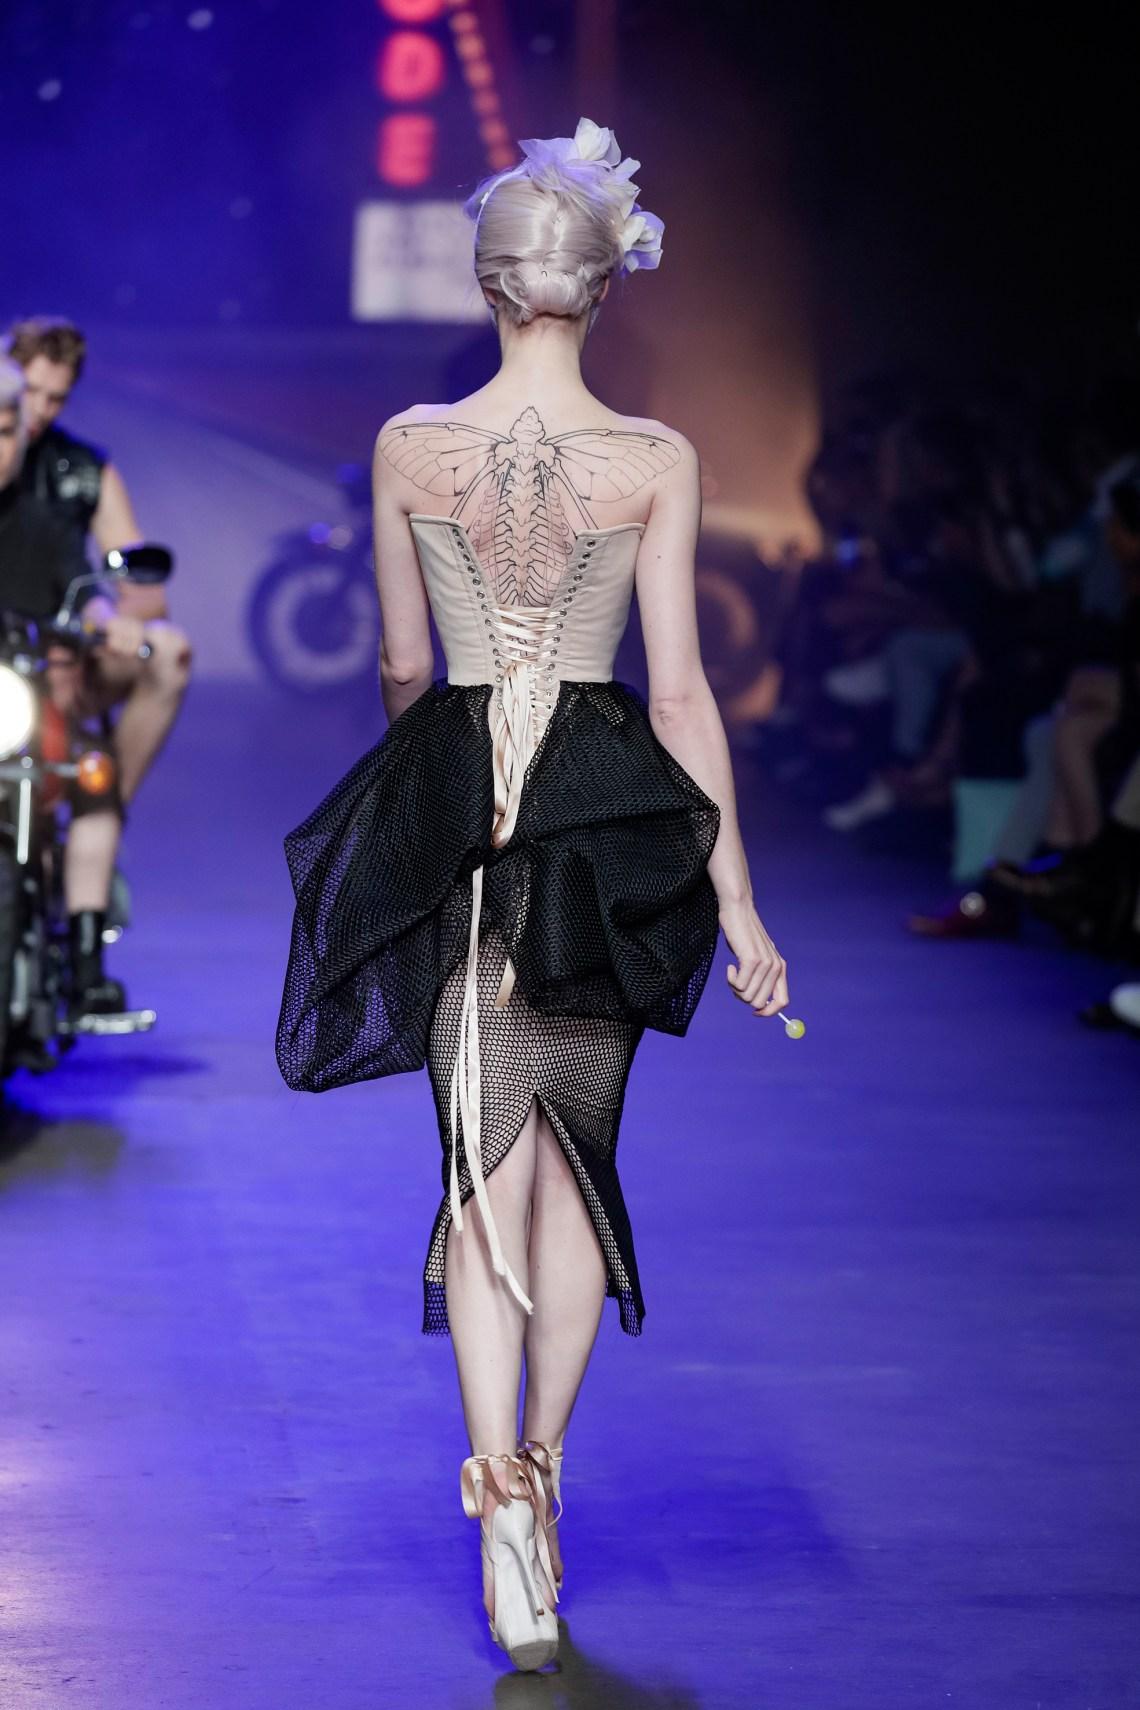 DENNISDIEM_AFWS17_295 amsterdam fashion week